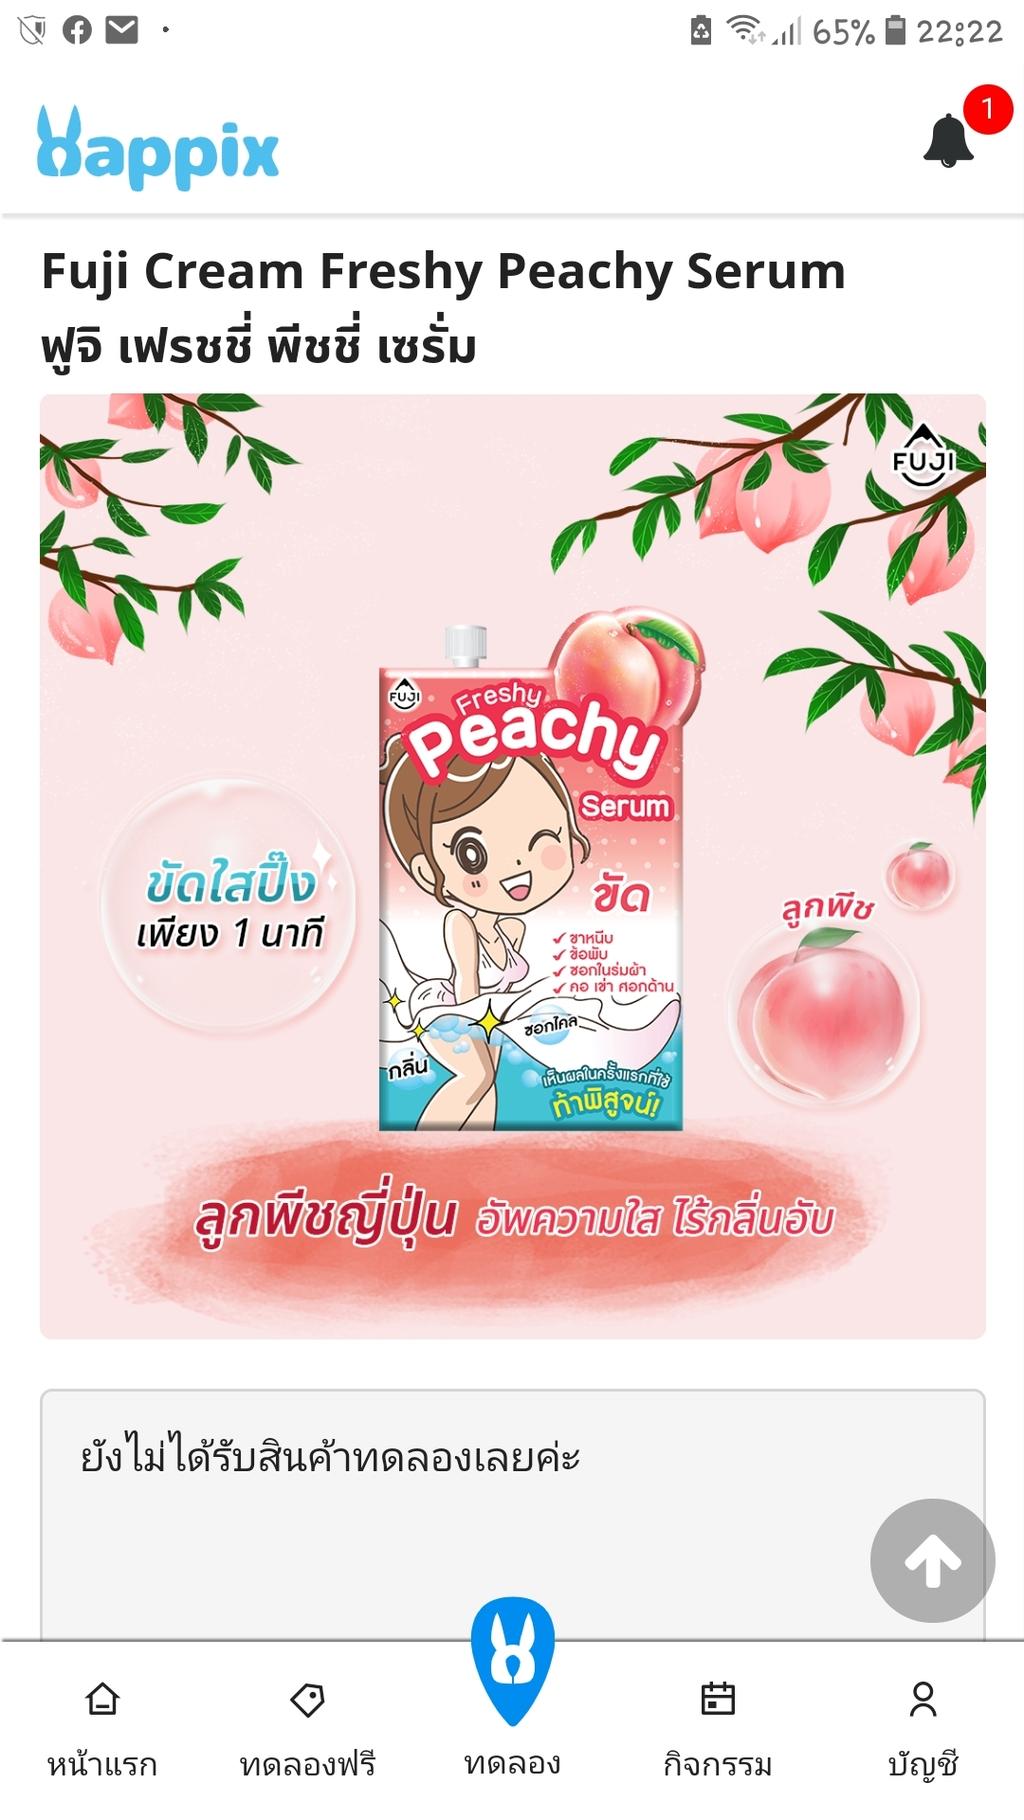 Fuji Cream Freshy Peachy Serum  ฟูจิ เฟรชชี่ พีชชี่ เซรั่ม รีวิว